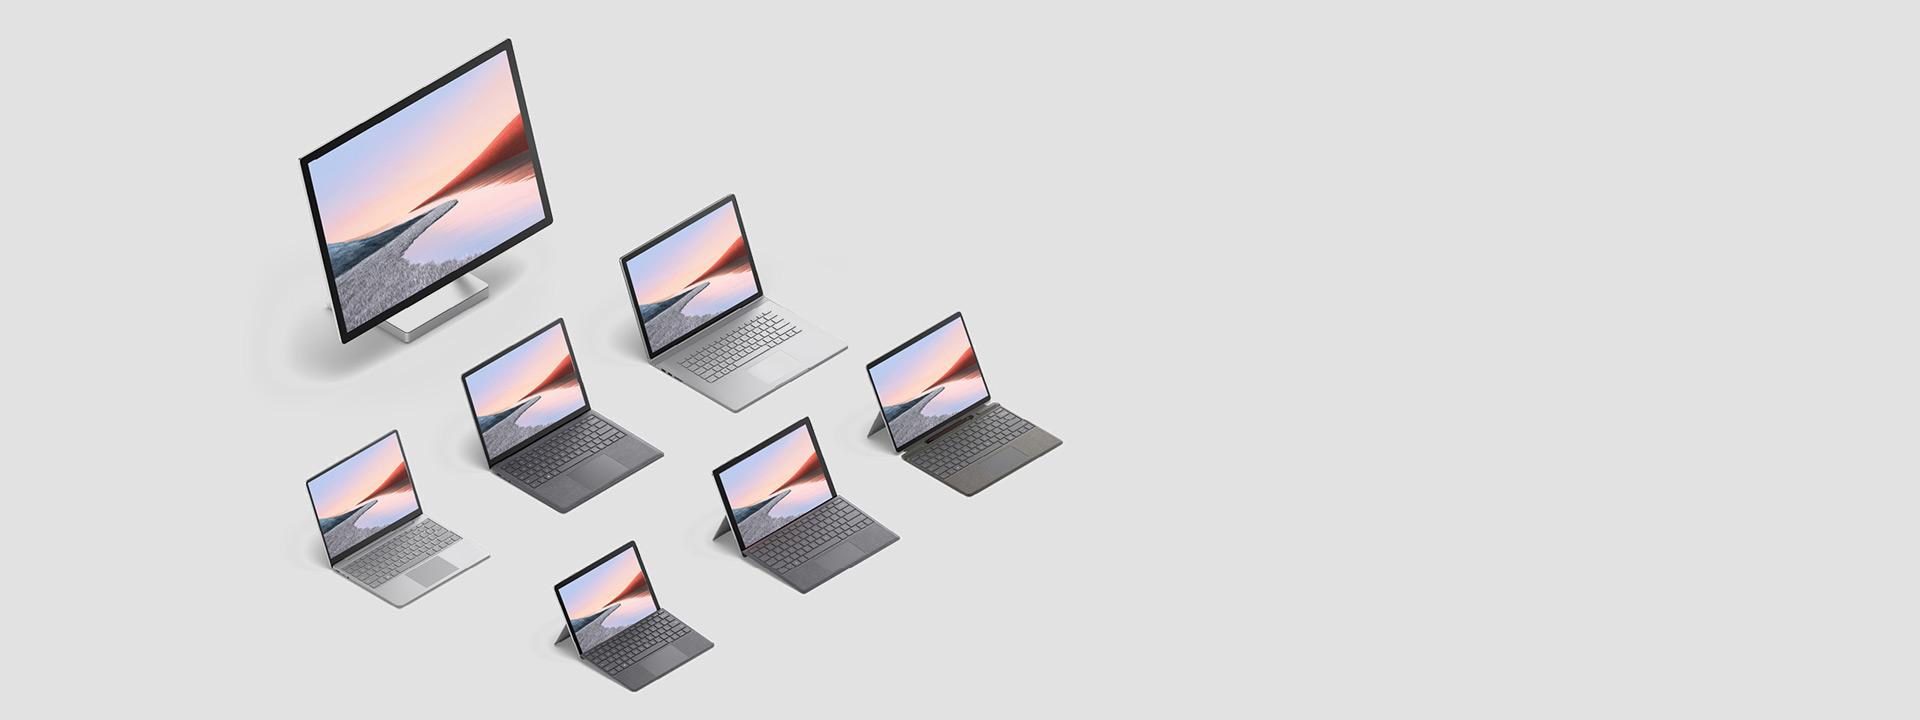 Familia completa de dispositivos Surface en platino y negro.